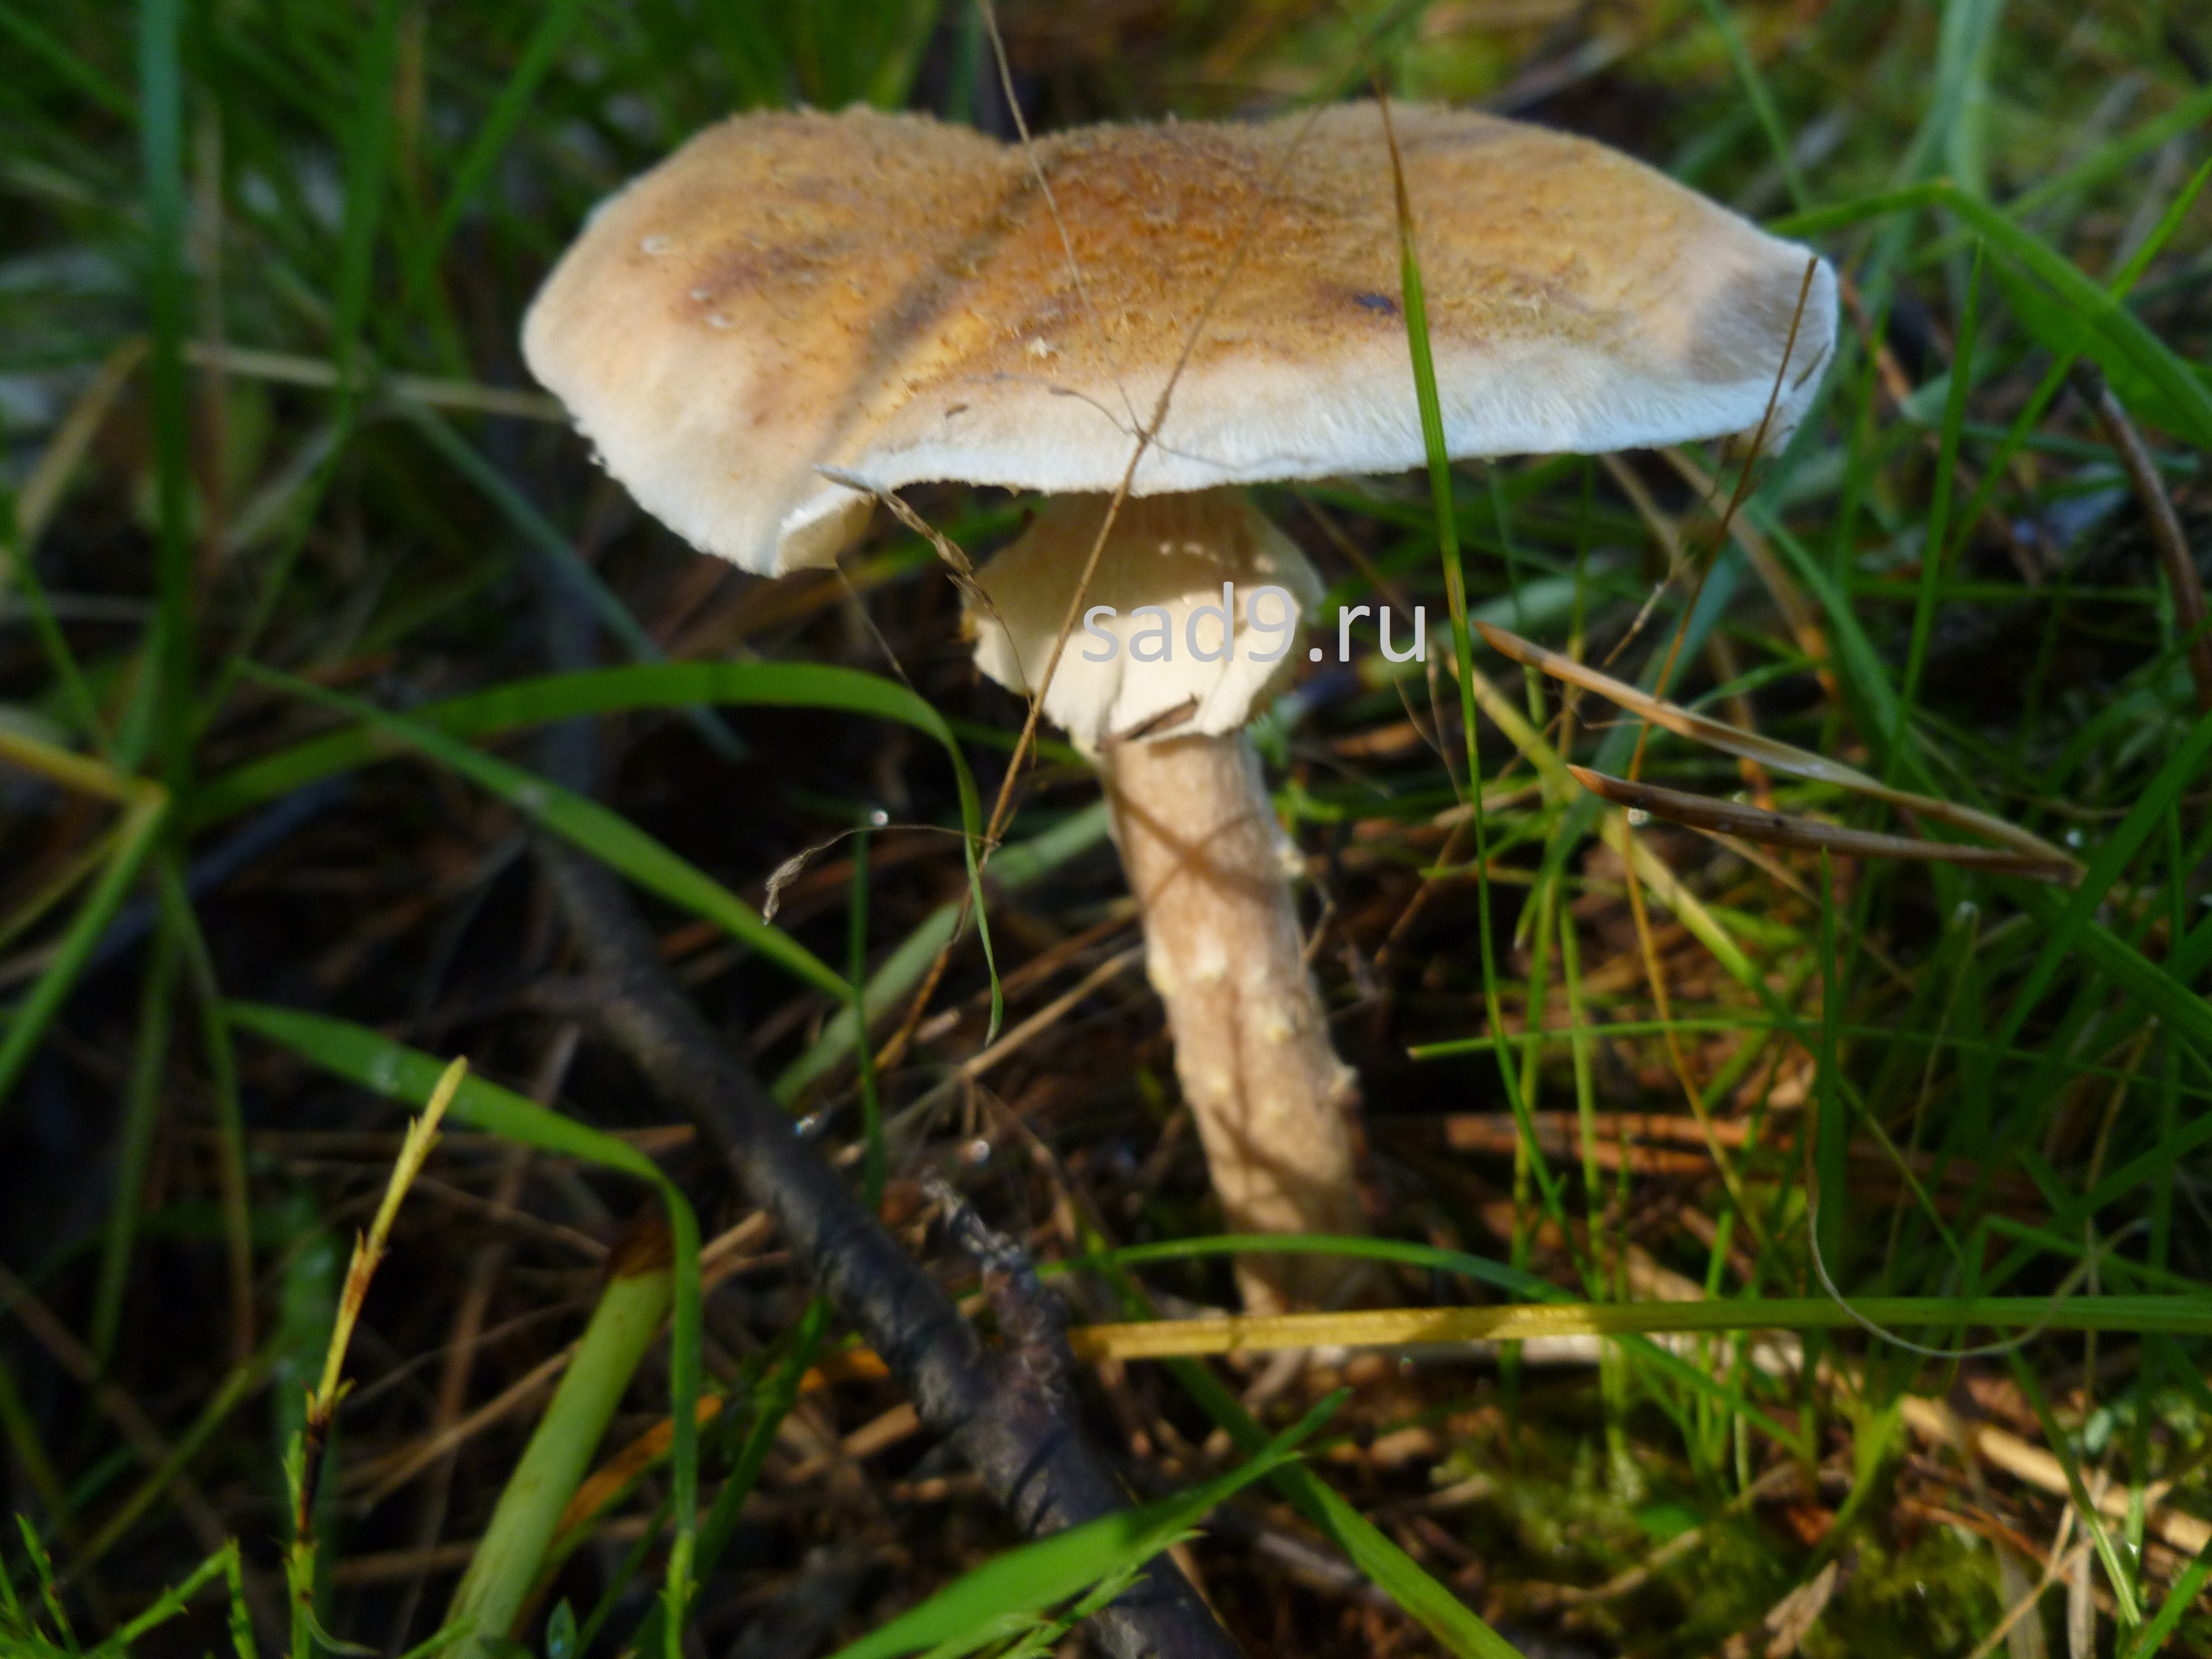 Картинки съедобных грибов для детей - опенок